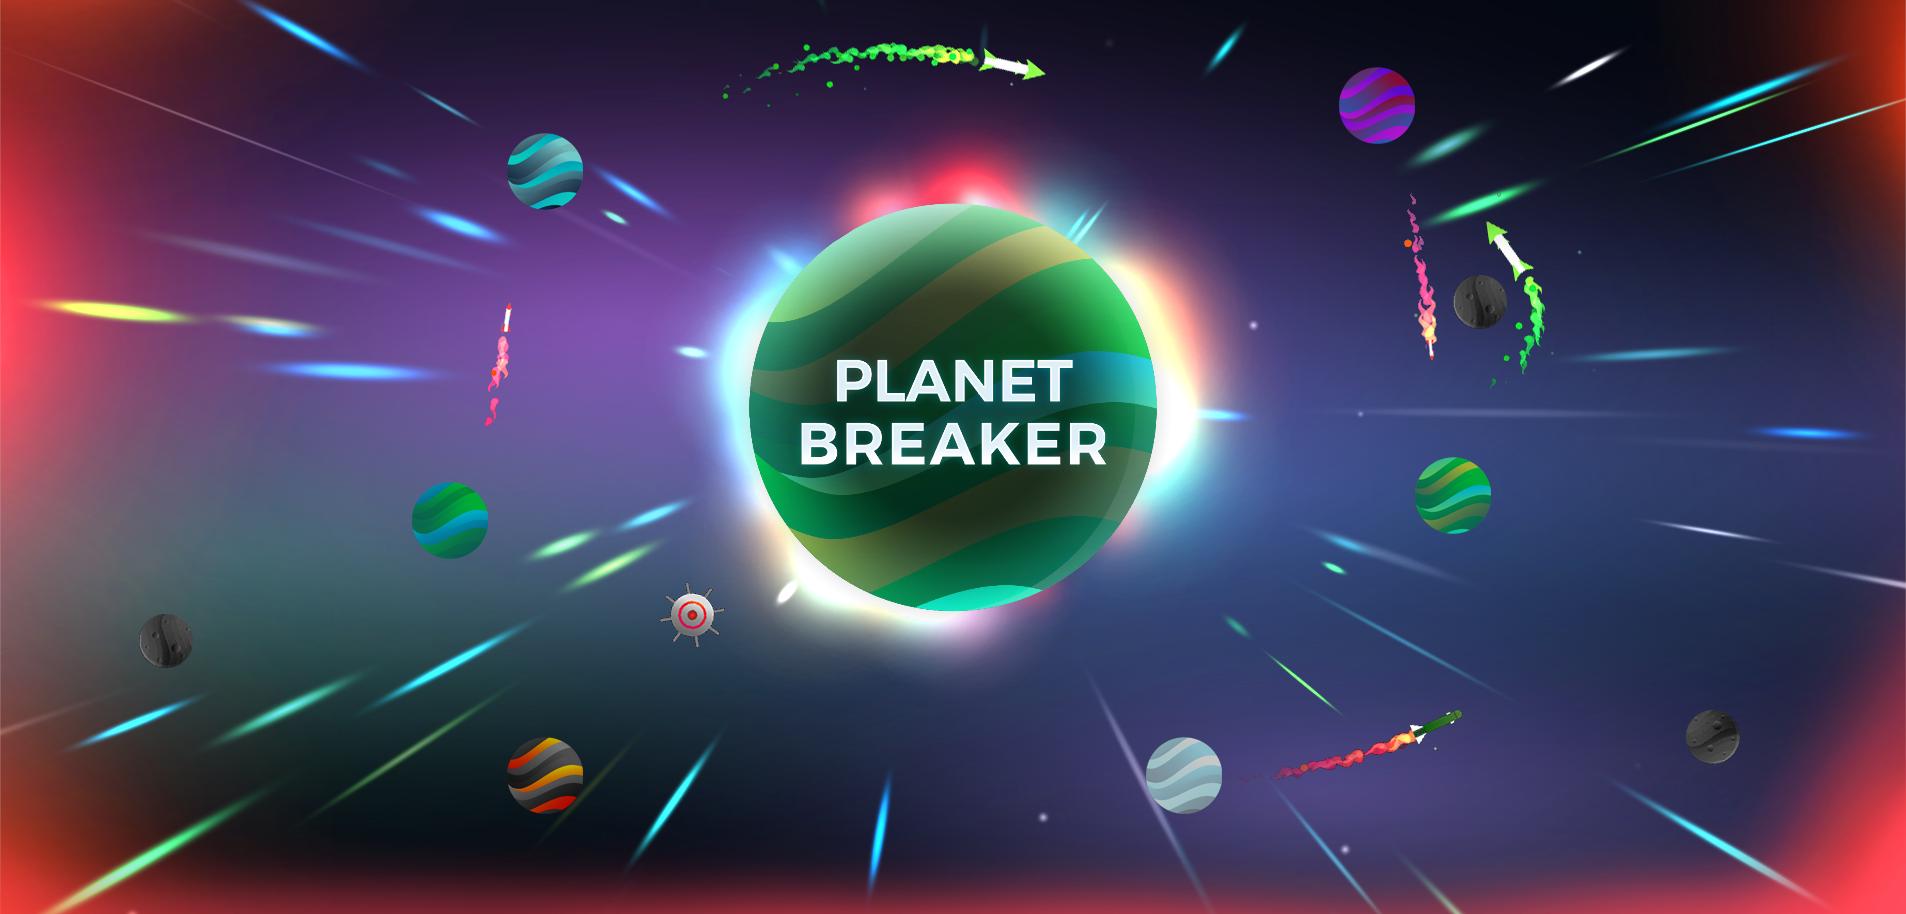 Planet Breaker - Mobile multiplayer